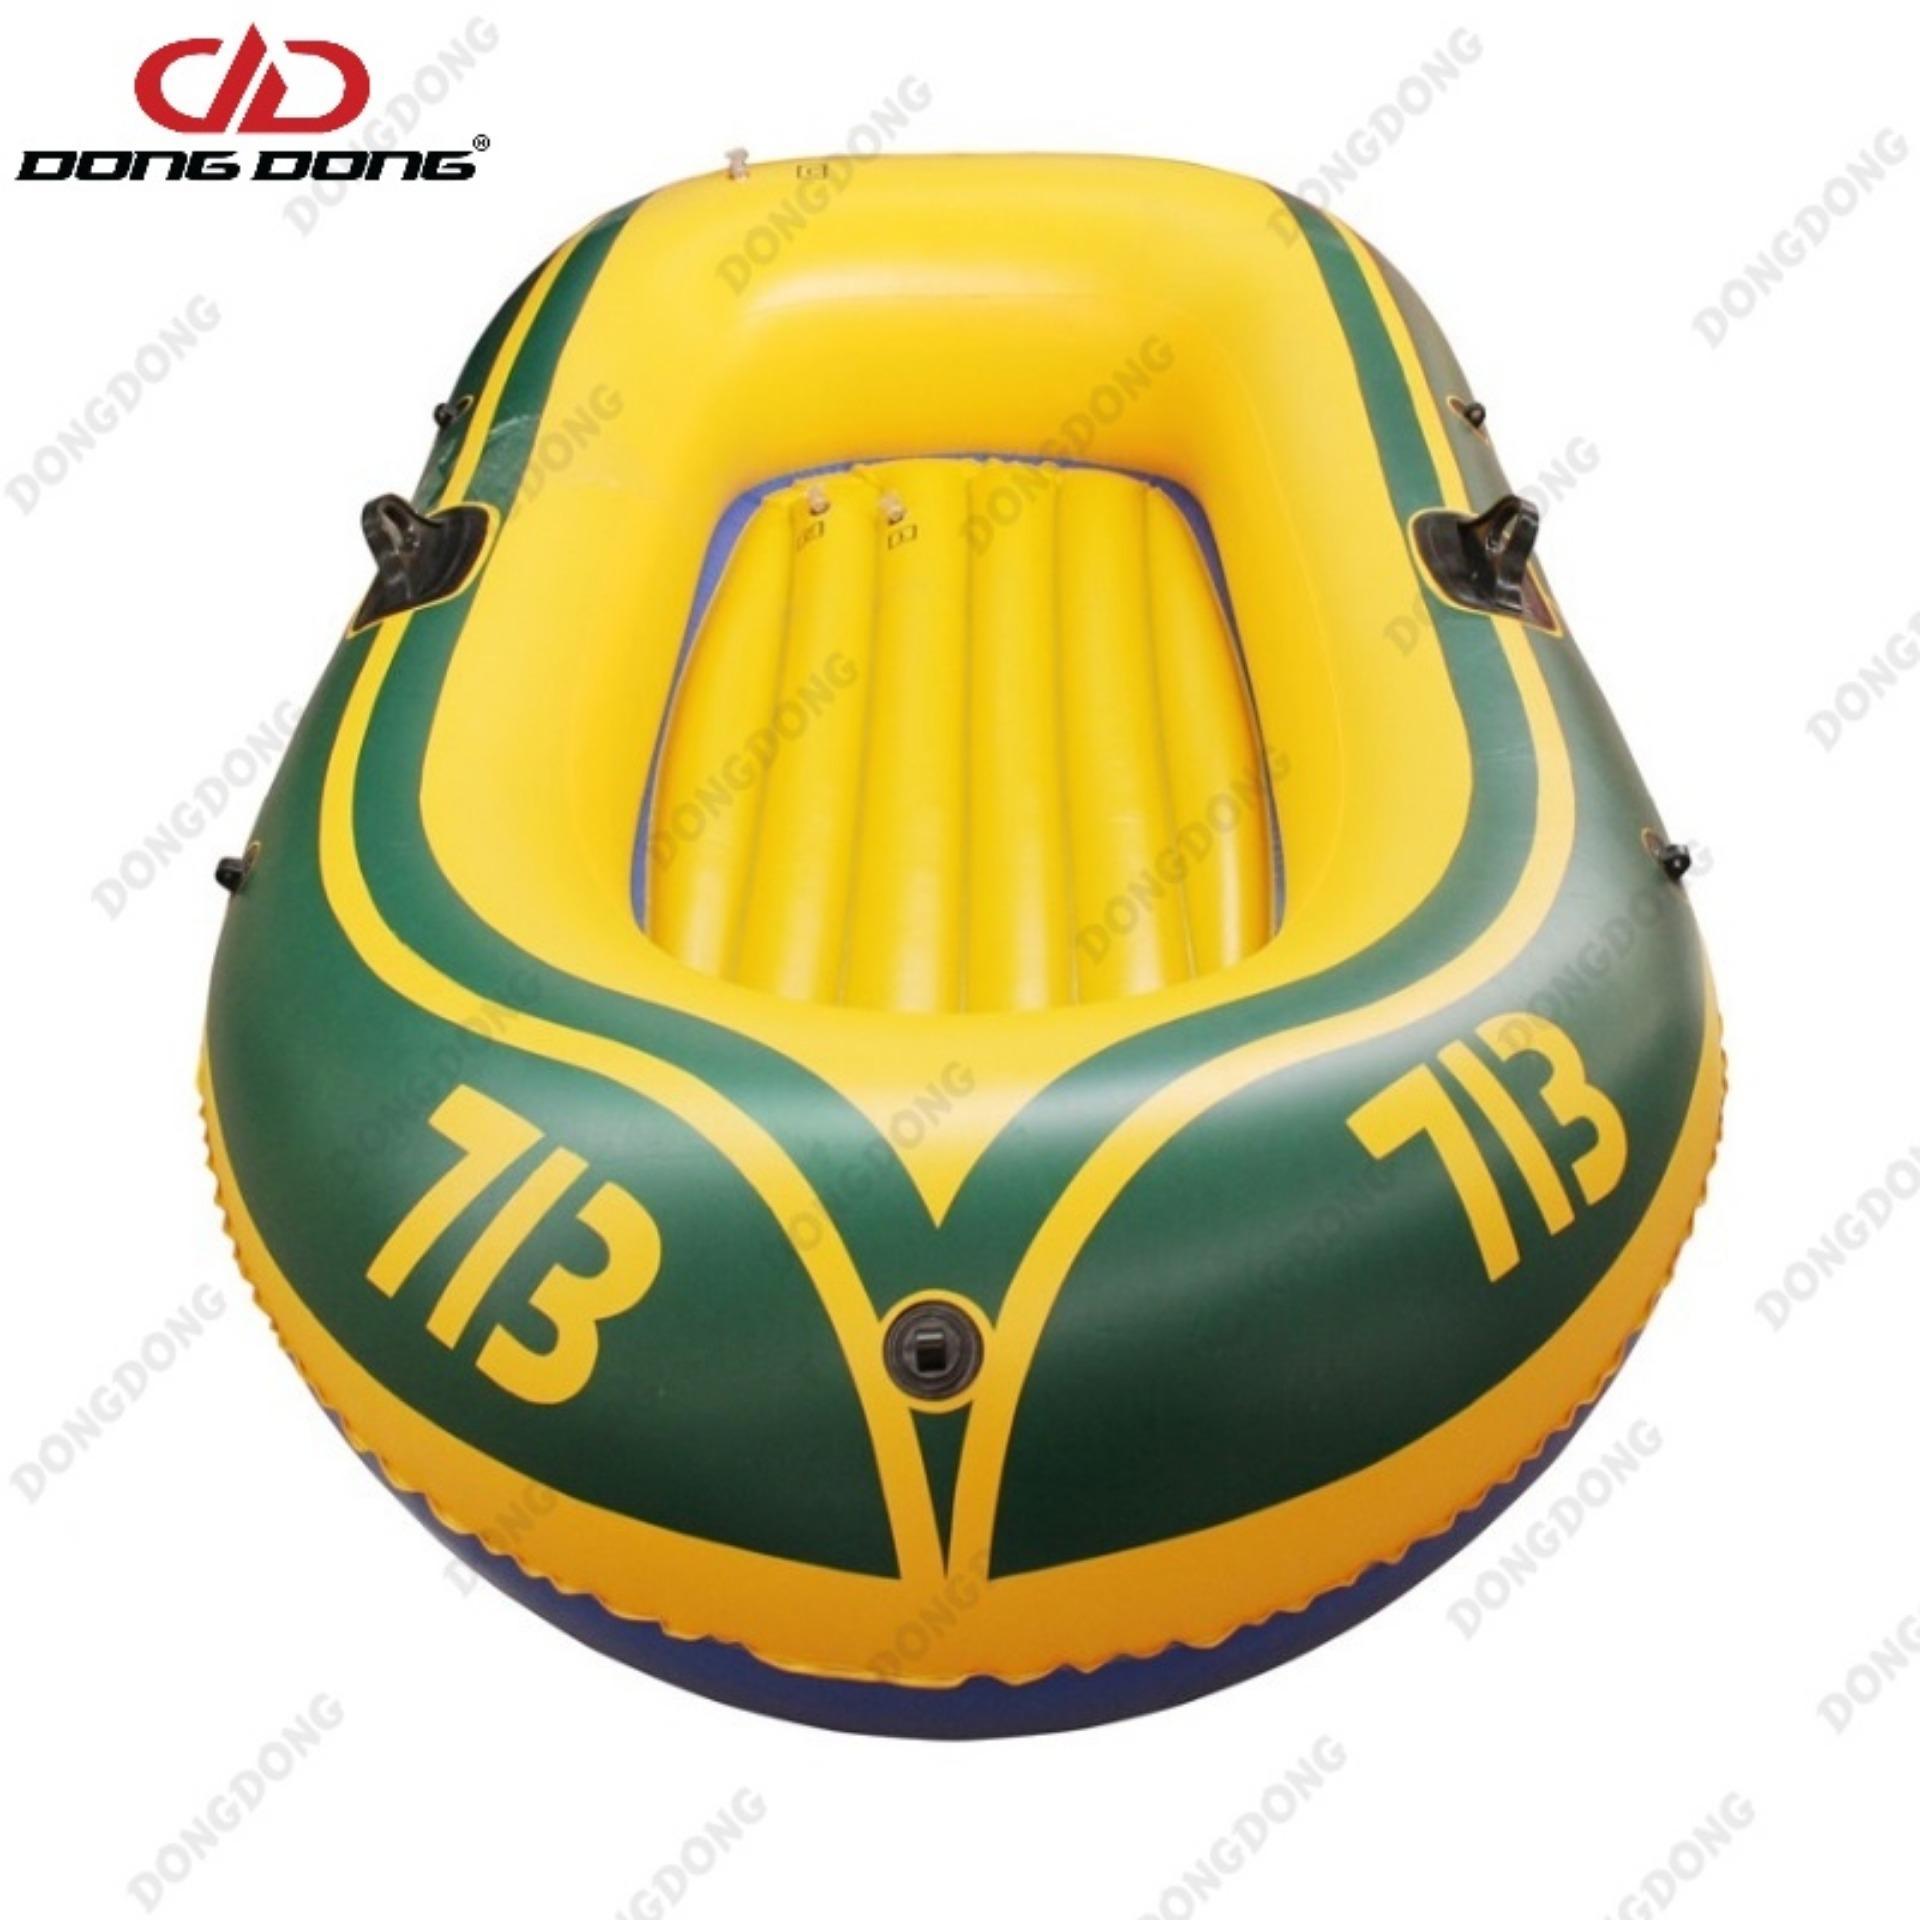 Hình ảnh Thuyền phao Kayak 713 cho 2 người, thuyền bơm hơi đi câu cá gấp gọn tiện lợi, chất liệu cao cấp - DONGDONG